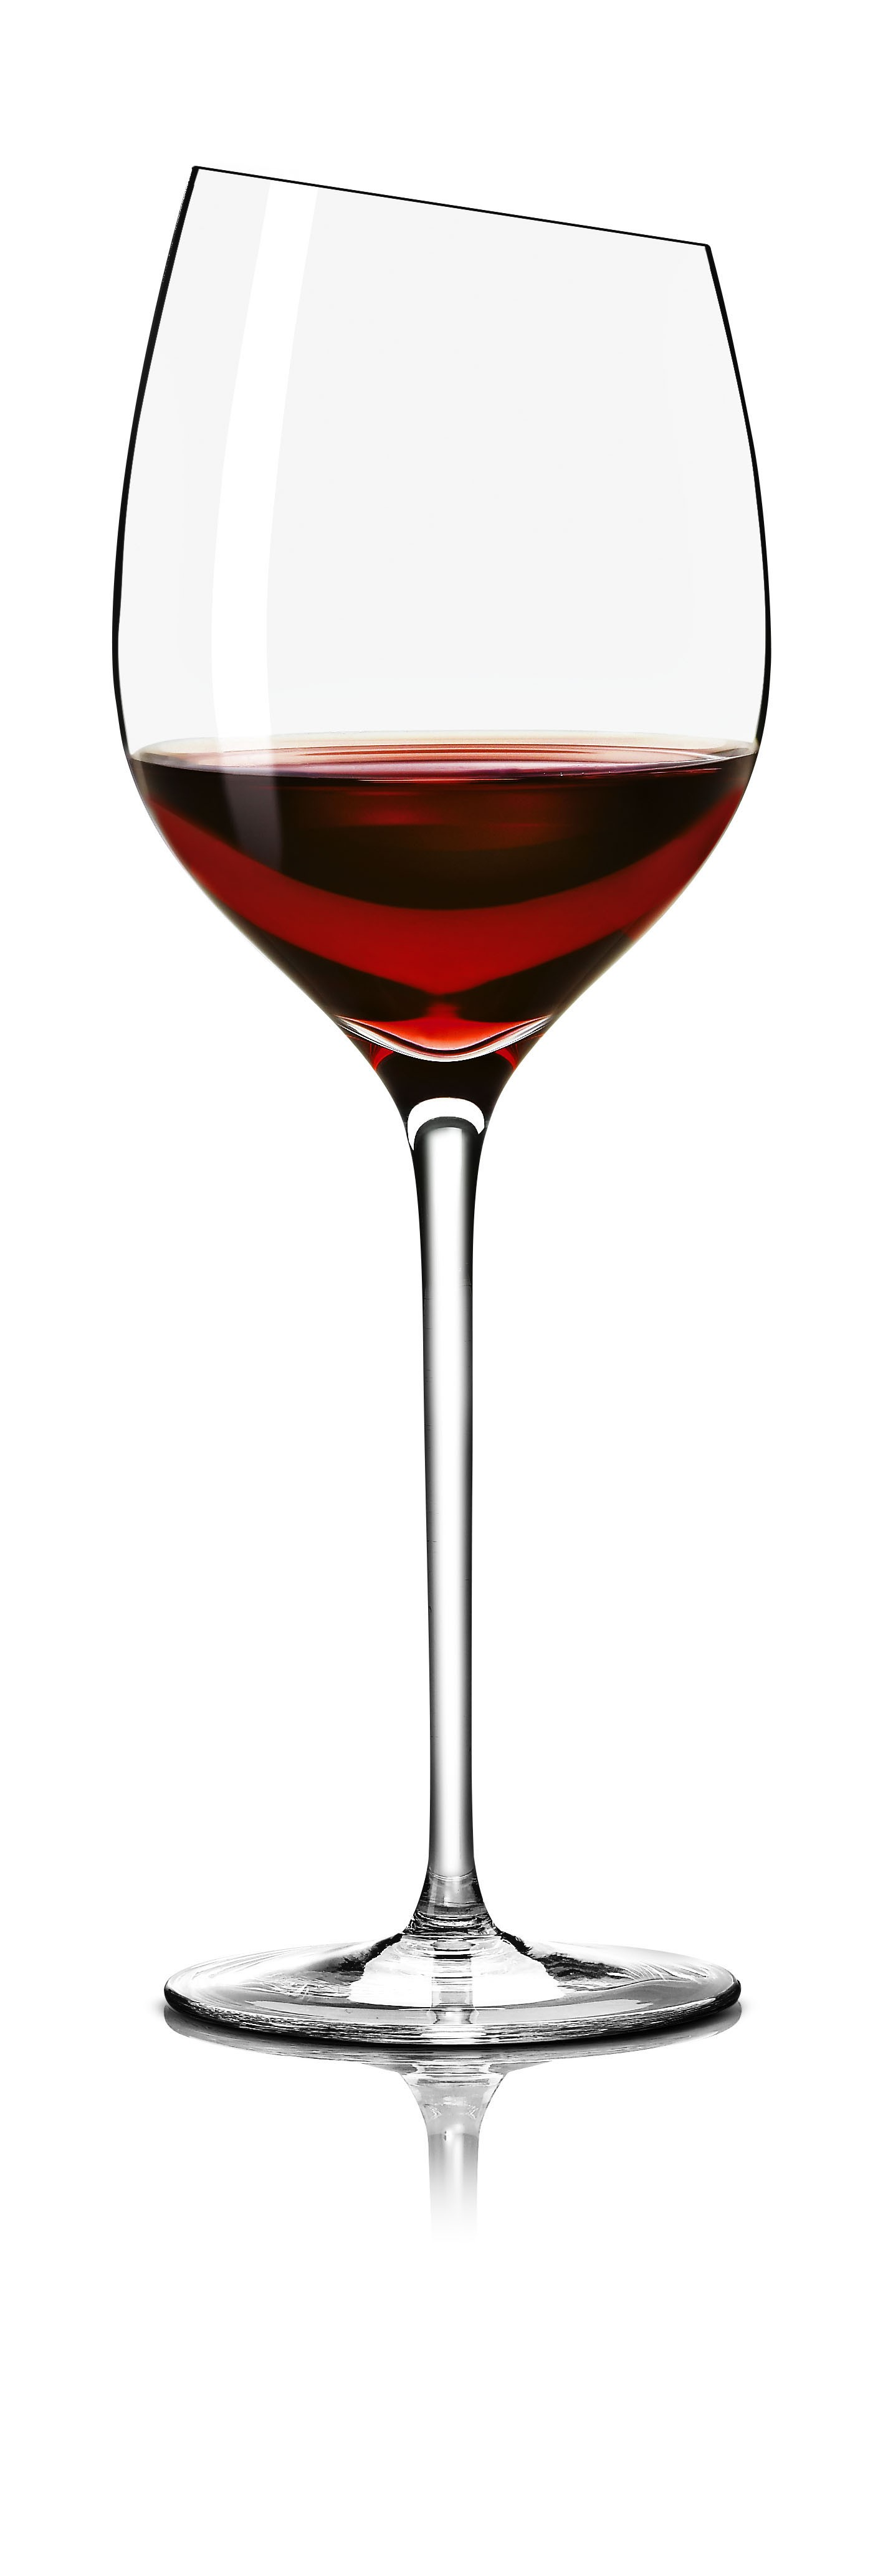 Vin Rhône, où passer commande en quelques clics ?